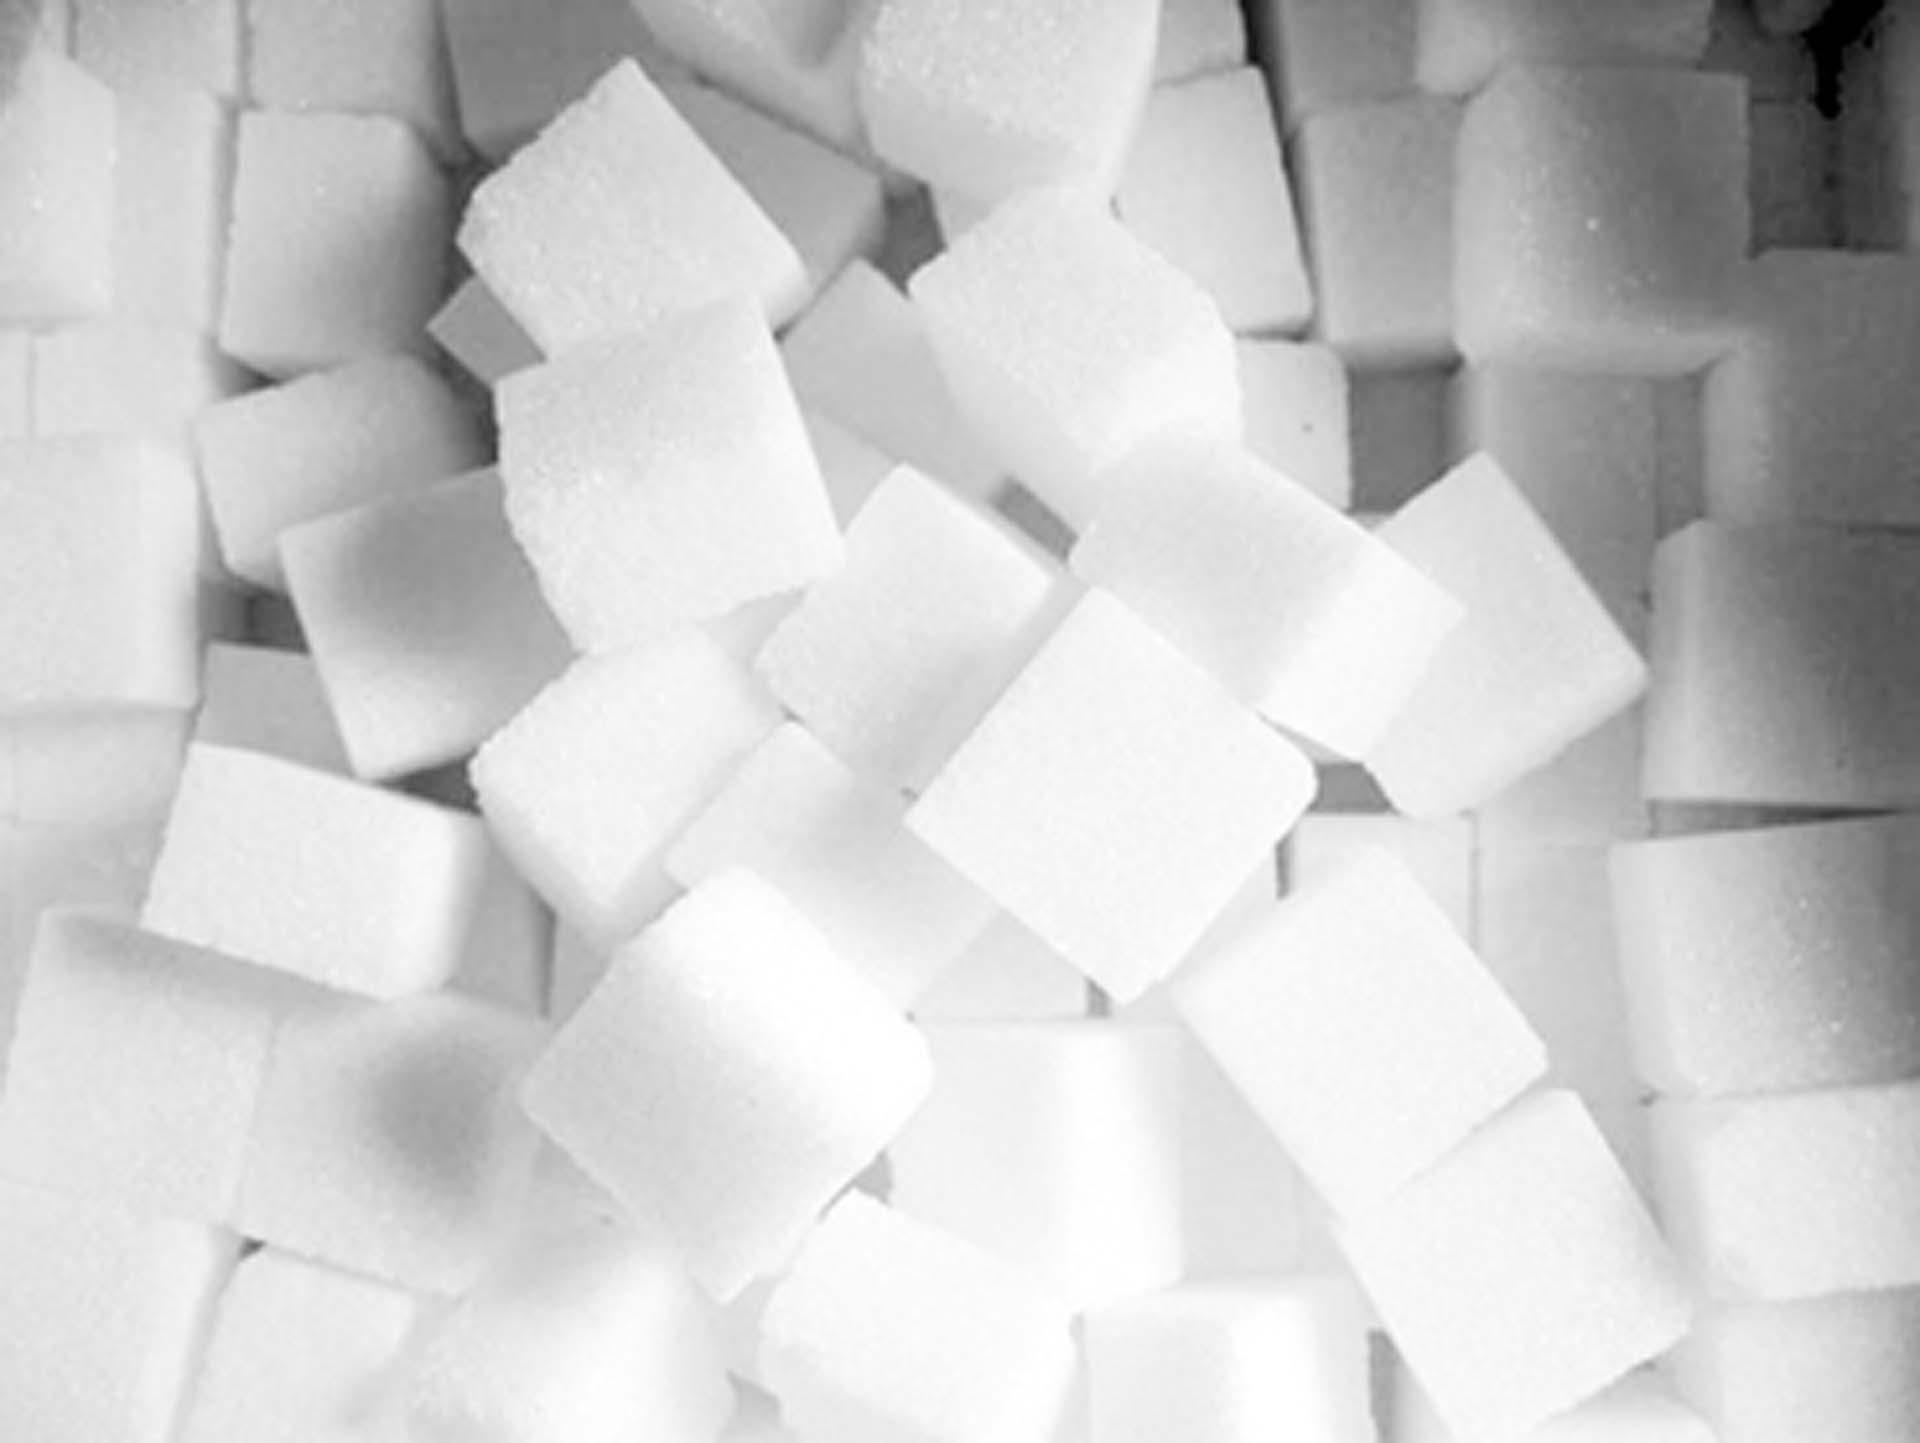 وزير التموين: مصانع الدلتا تعمل 24 ساعة لإنتاج السكر المحلى - جريدة المال